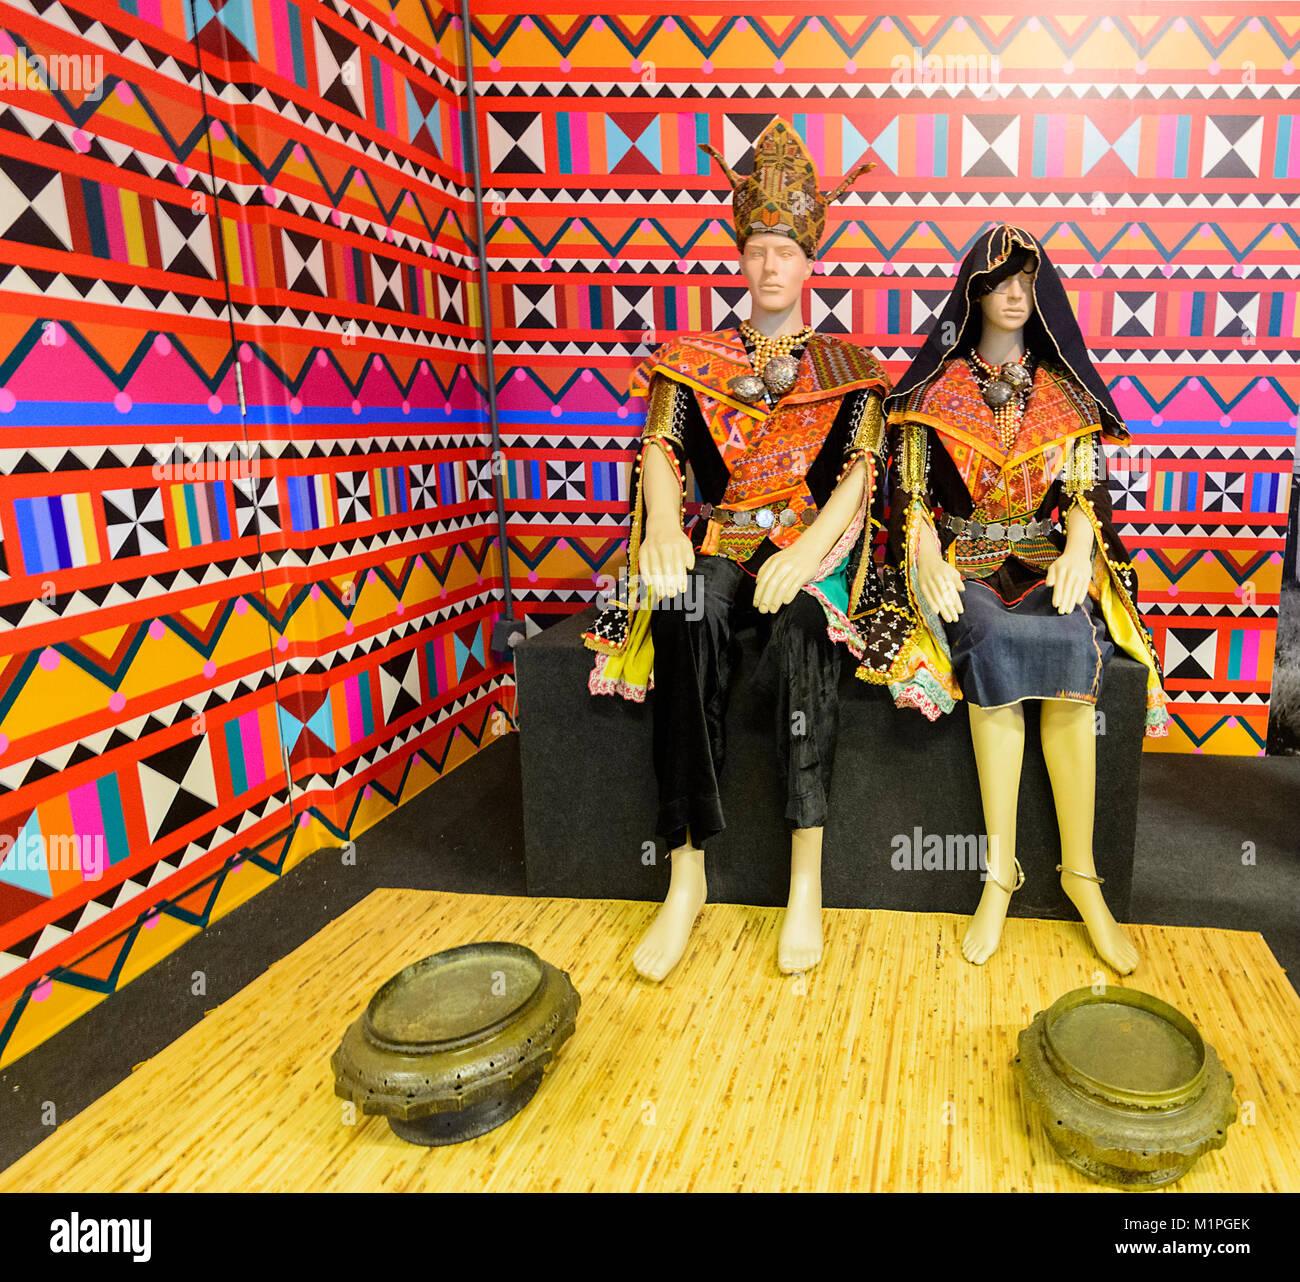 Couple dressed for a Dusun Tindal wedding at the Muzium Sabah, Kota Kinabalu, Sabah, Borneo, Malaysia - Stock Image